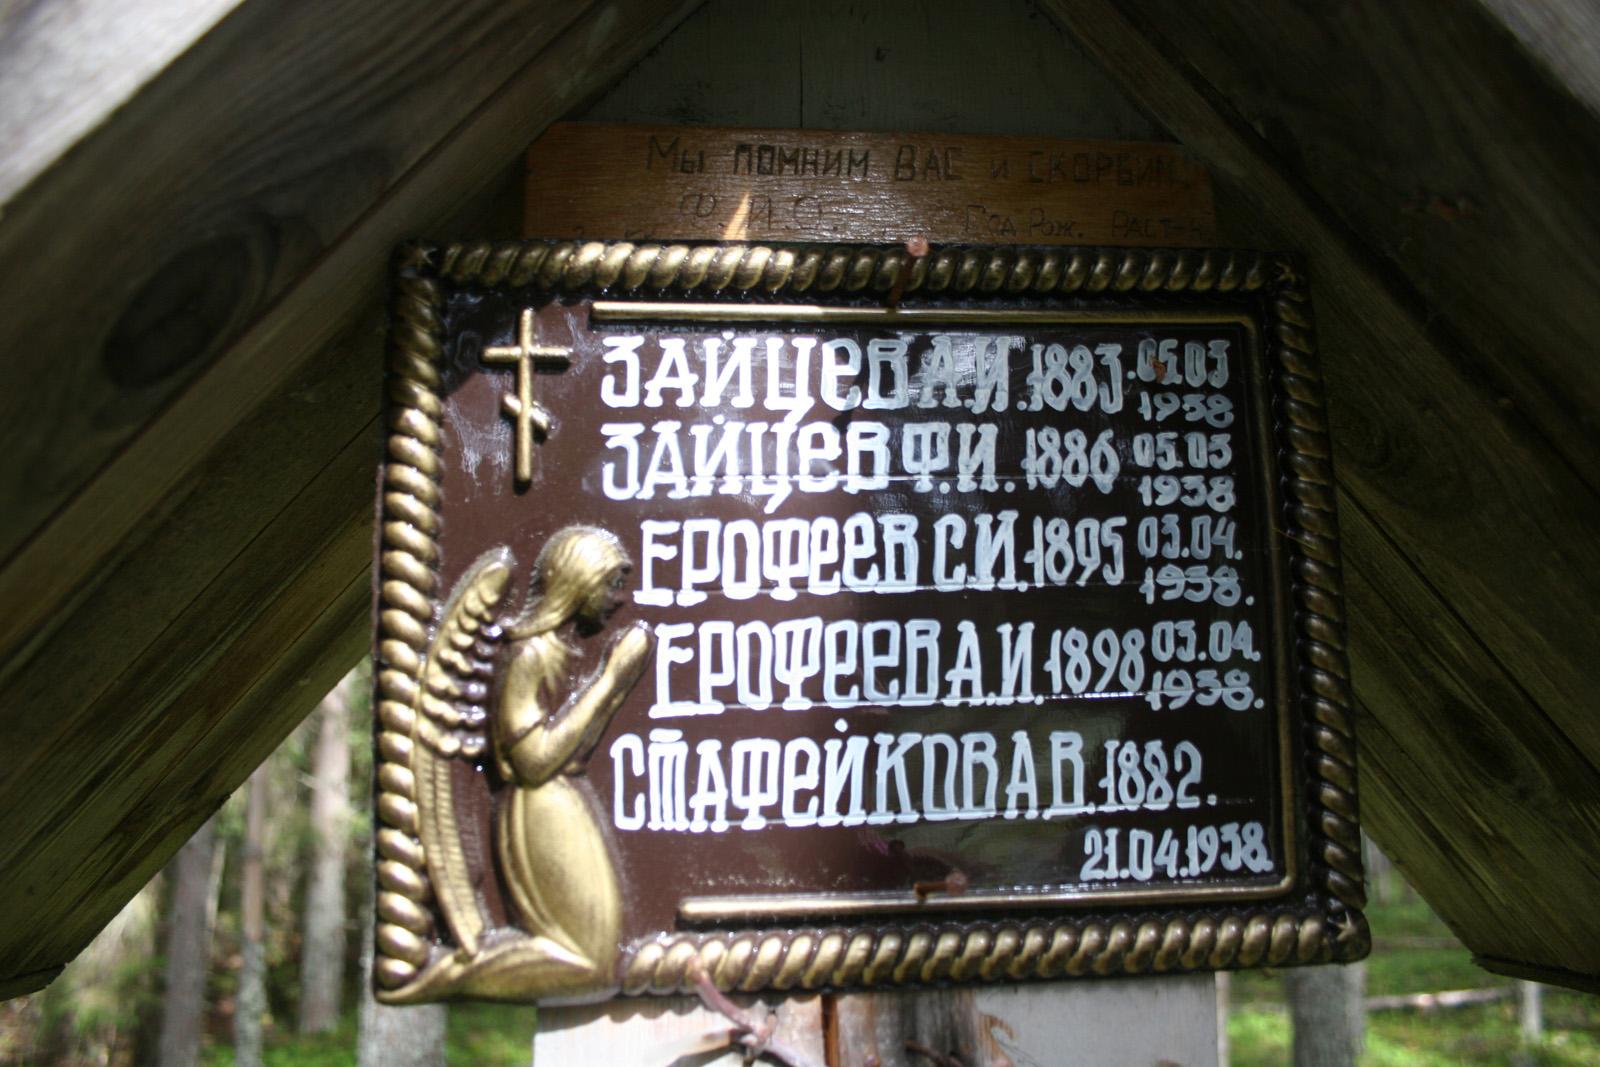 Памятная табличка А.И. и Ф.И. Зайцевым, С.И. и А.И. Ерофеевым и А.В. Стафейкову